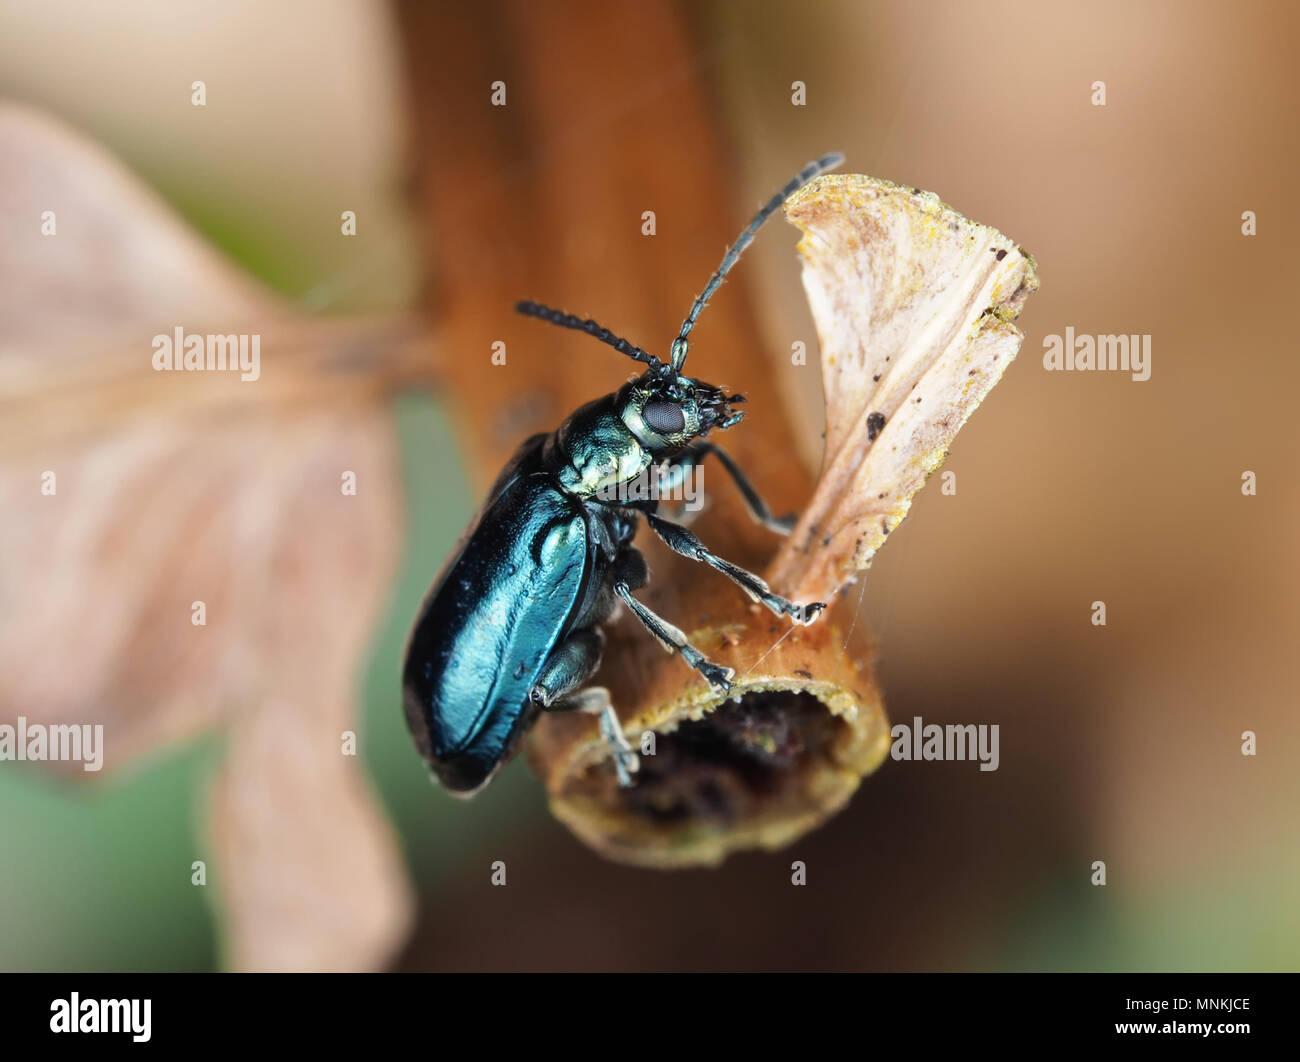 Altica sp. Käfer auf einer getrockneten Pflanze, Seitenansicht Stockfoto